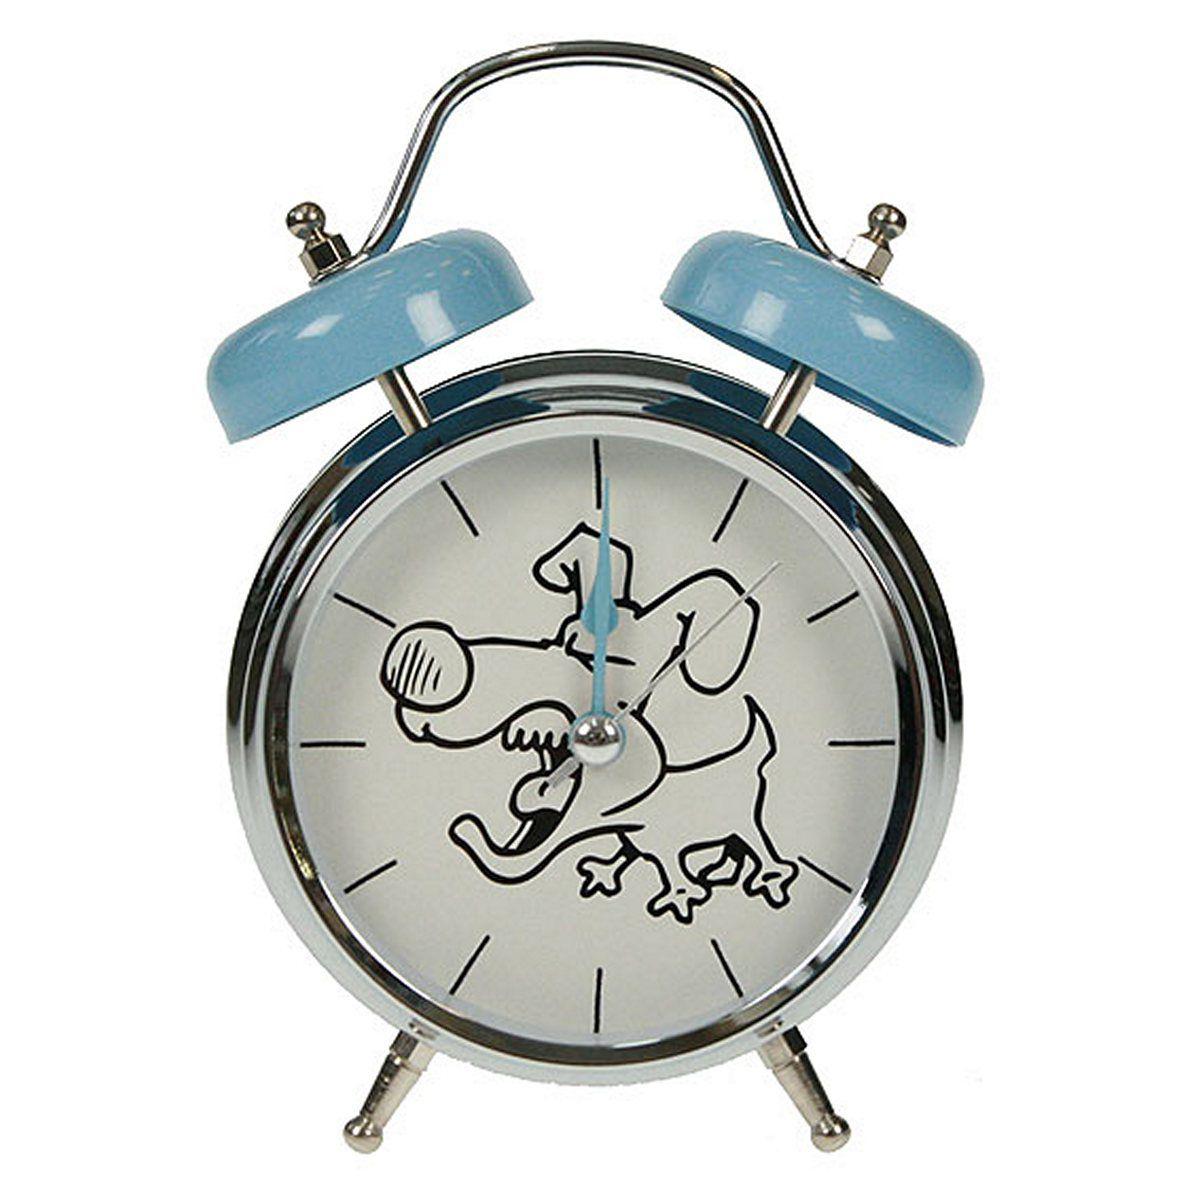 Часы настольные Русские Подарки Собака, с функцией будильника, 12 х 6 х 17 см. 232411232411Настольные кварцевые часы Русские Подарки Собака изготовлены из металла, циферблат защищен стеклом. Оригинальное оформление в виде смешной собаки поднимет настроение, а благодаря функции будильника вы проснетесь вовремя. Часы имеют три стрелки - часовую, минутную и секундную. Такие часы украсят интерьер дома или рабочий стол в офисе. Также часы могут стать уникальным, полезным подарком для родственников, коллег, знакомых и близких. Часы работают от батареек типа АА (в комплект не входят).